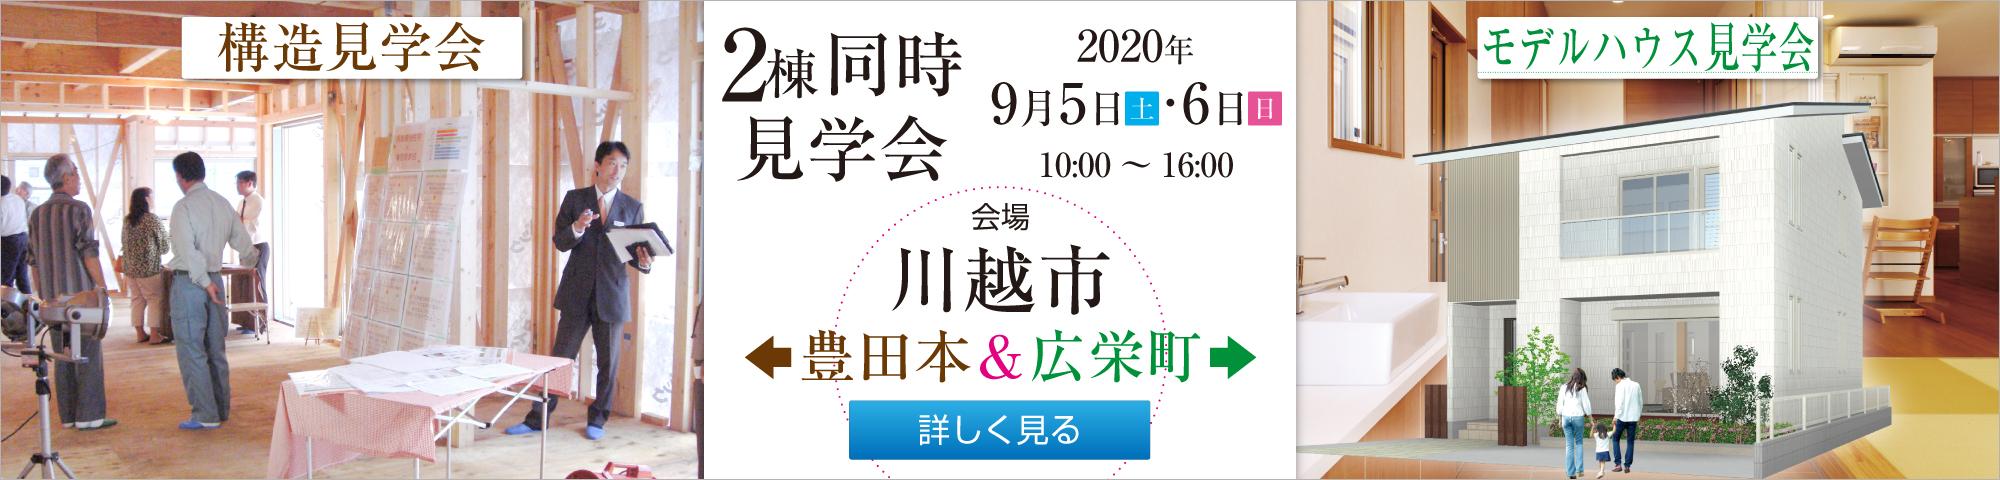 2020年9月 2棟同時見学会